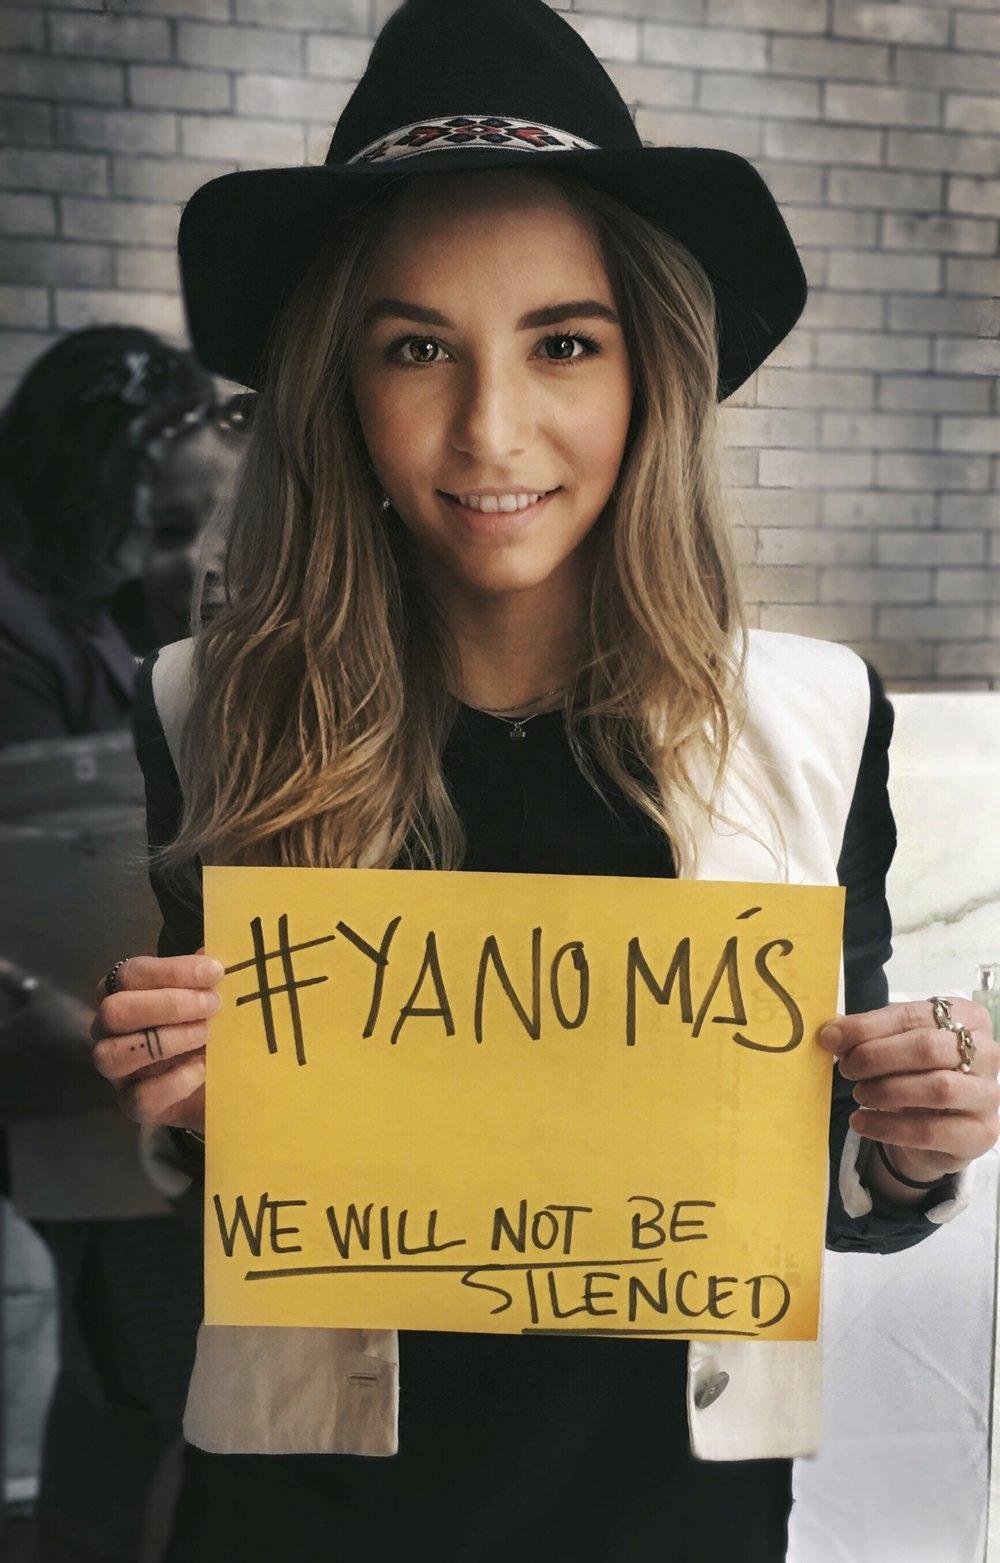 Súmate a la campaña #YaNoMás subiendo tu foto en Instagram con el hashtag y demuestra tu solidaridad con las mujeres del mundo!